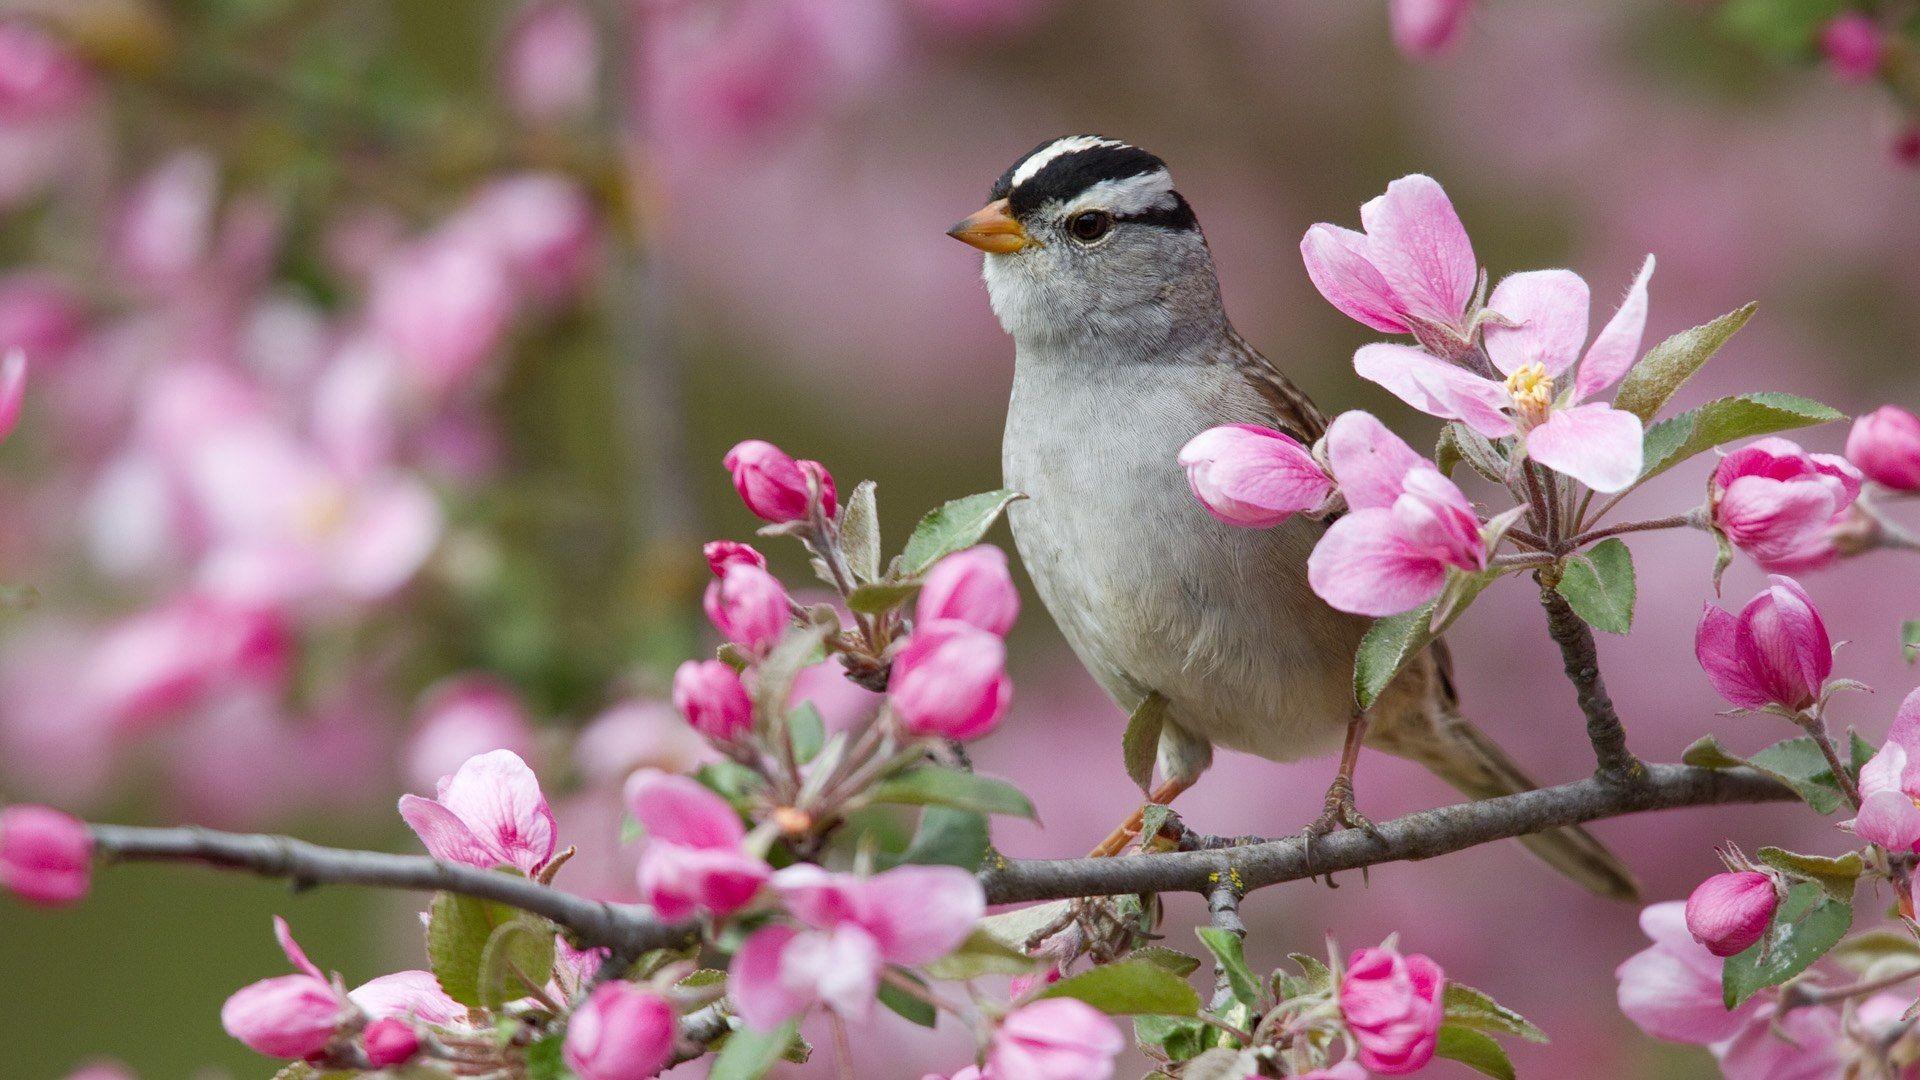 … Spring Animal Desktop Backgrounds Hd. Download